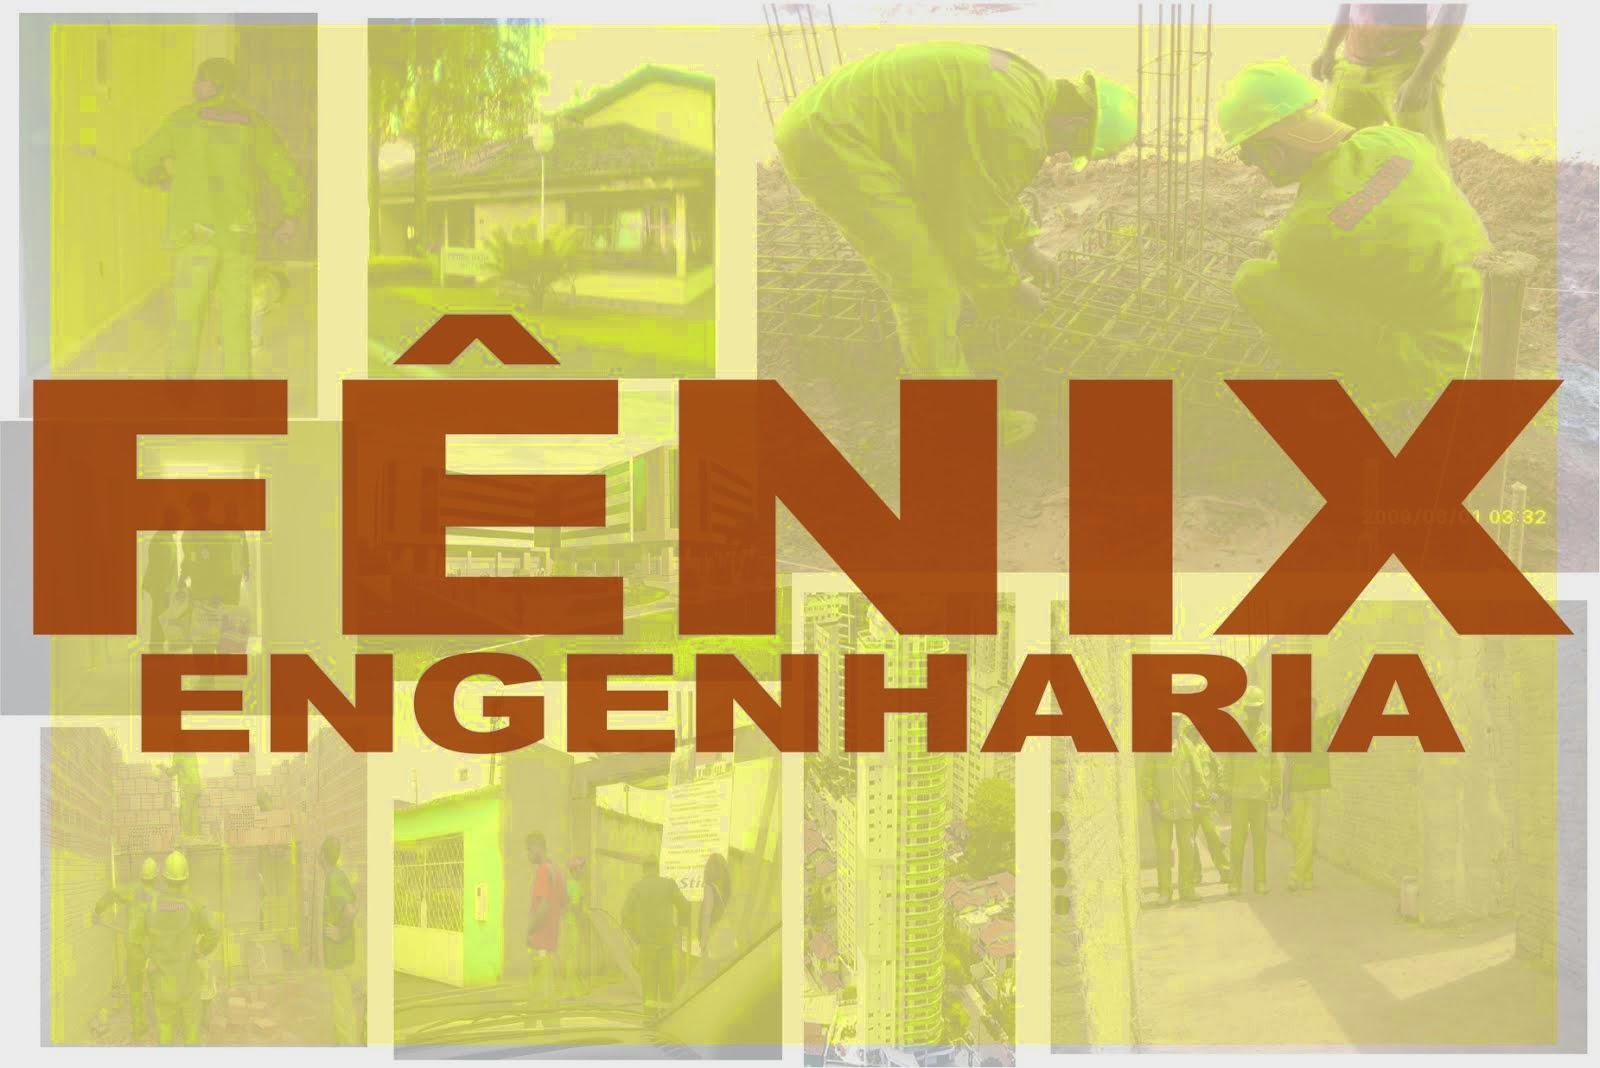 FENIX ENGENHARIA